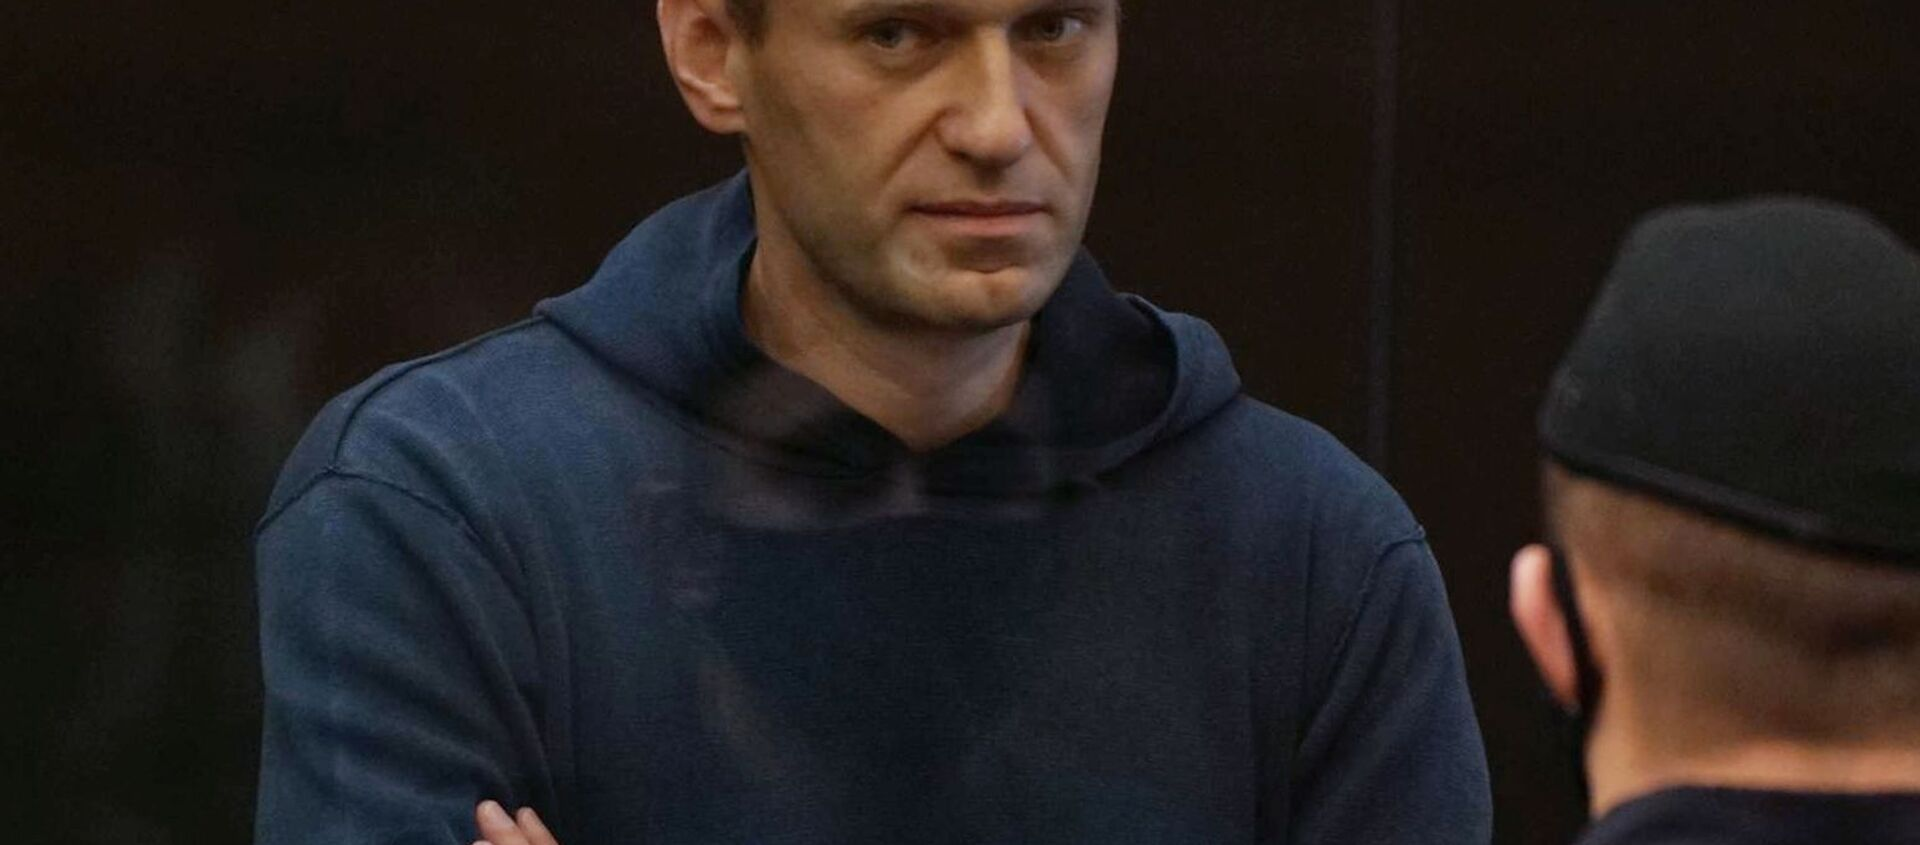 Aleksej Nawalny na posiedzeniu sądu 2 lutego 2021 w Moskwie - Sputnik Polska, 1920, 02.03.2021